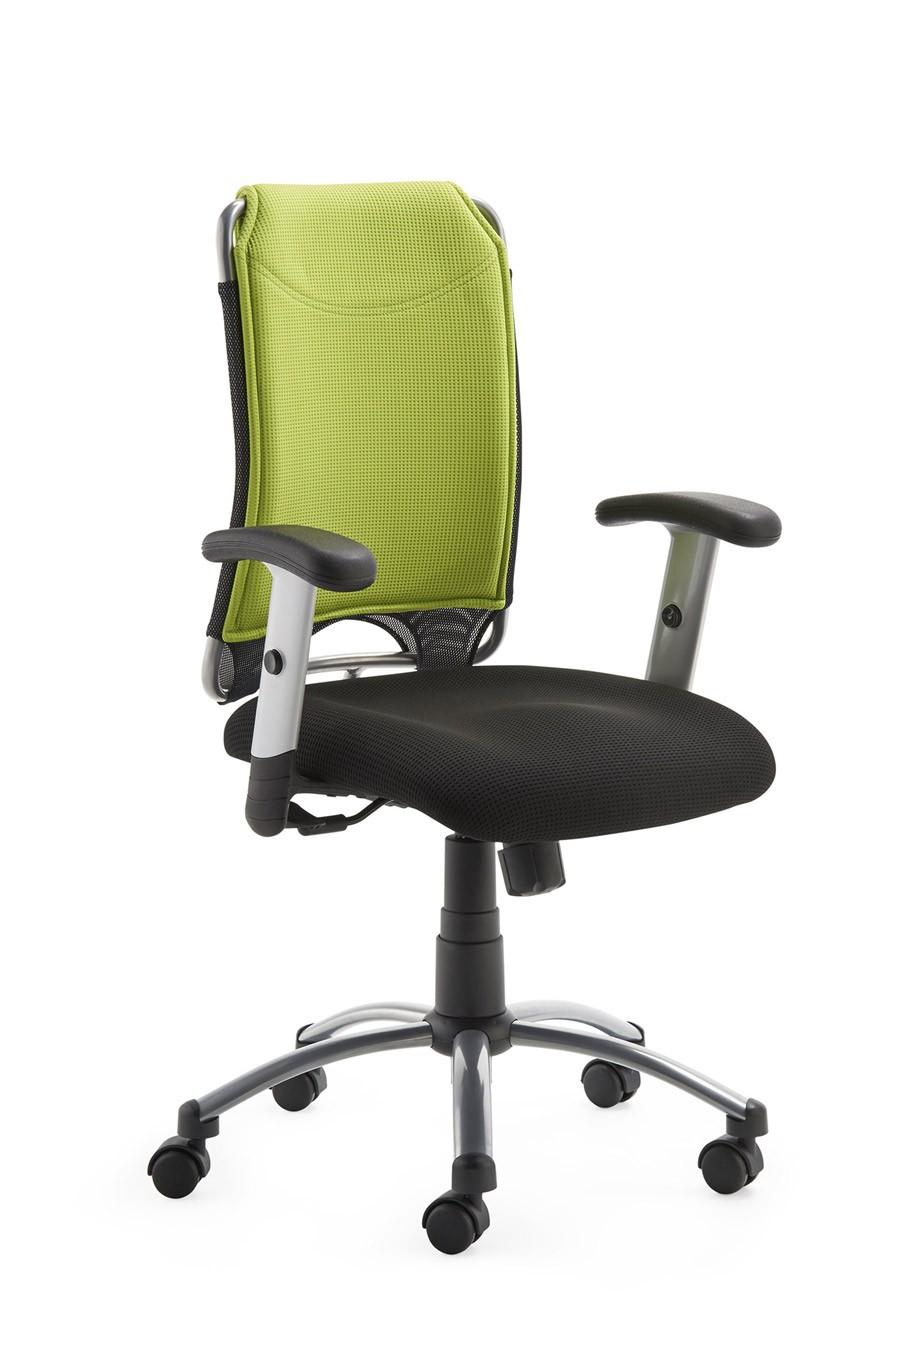 Drehstuhl Spirit 2275, Farbbeispiel schwarz / grün (Dieses Angebot ohne Armlehnen, leider gibt es keine Bilder ohne Armlehnen)